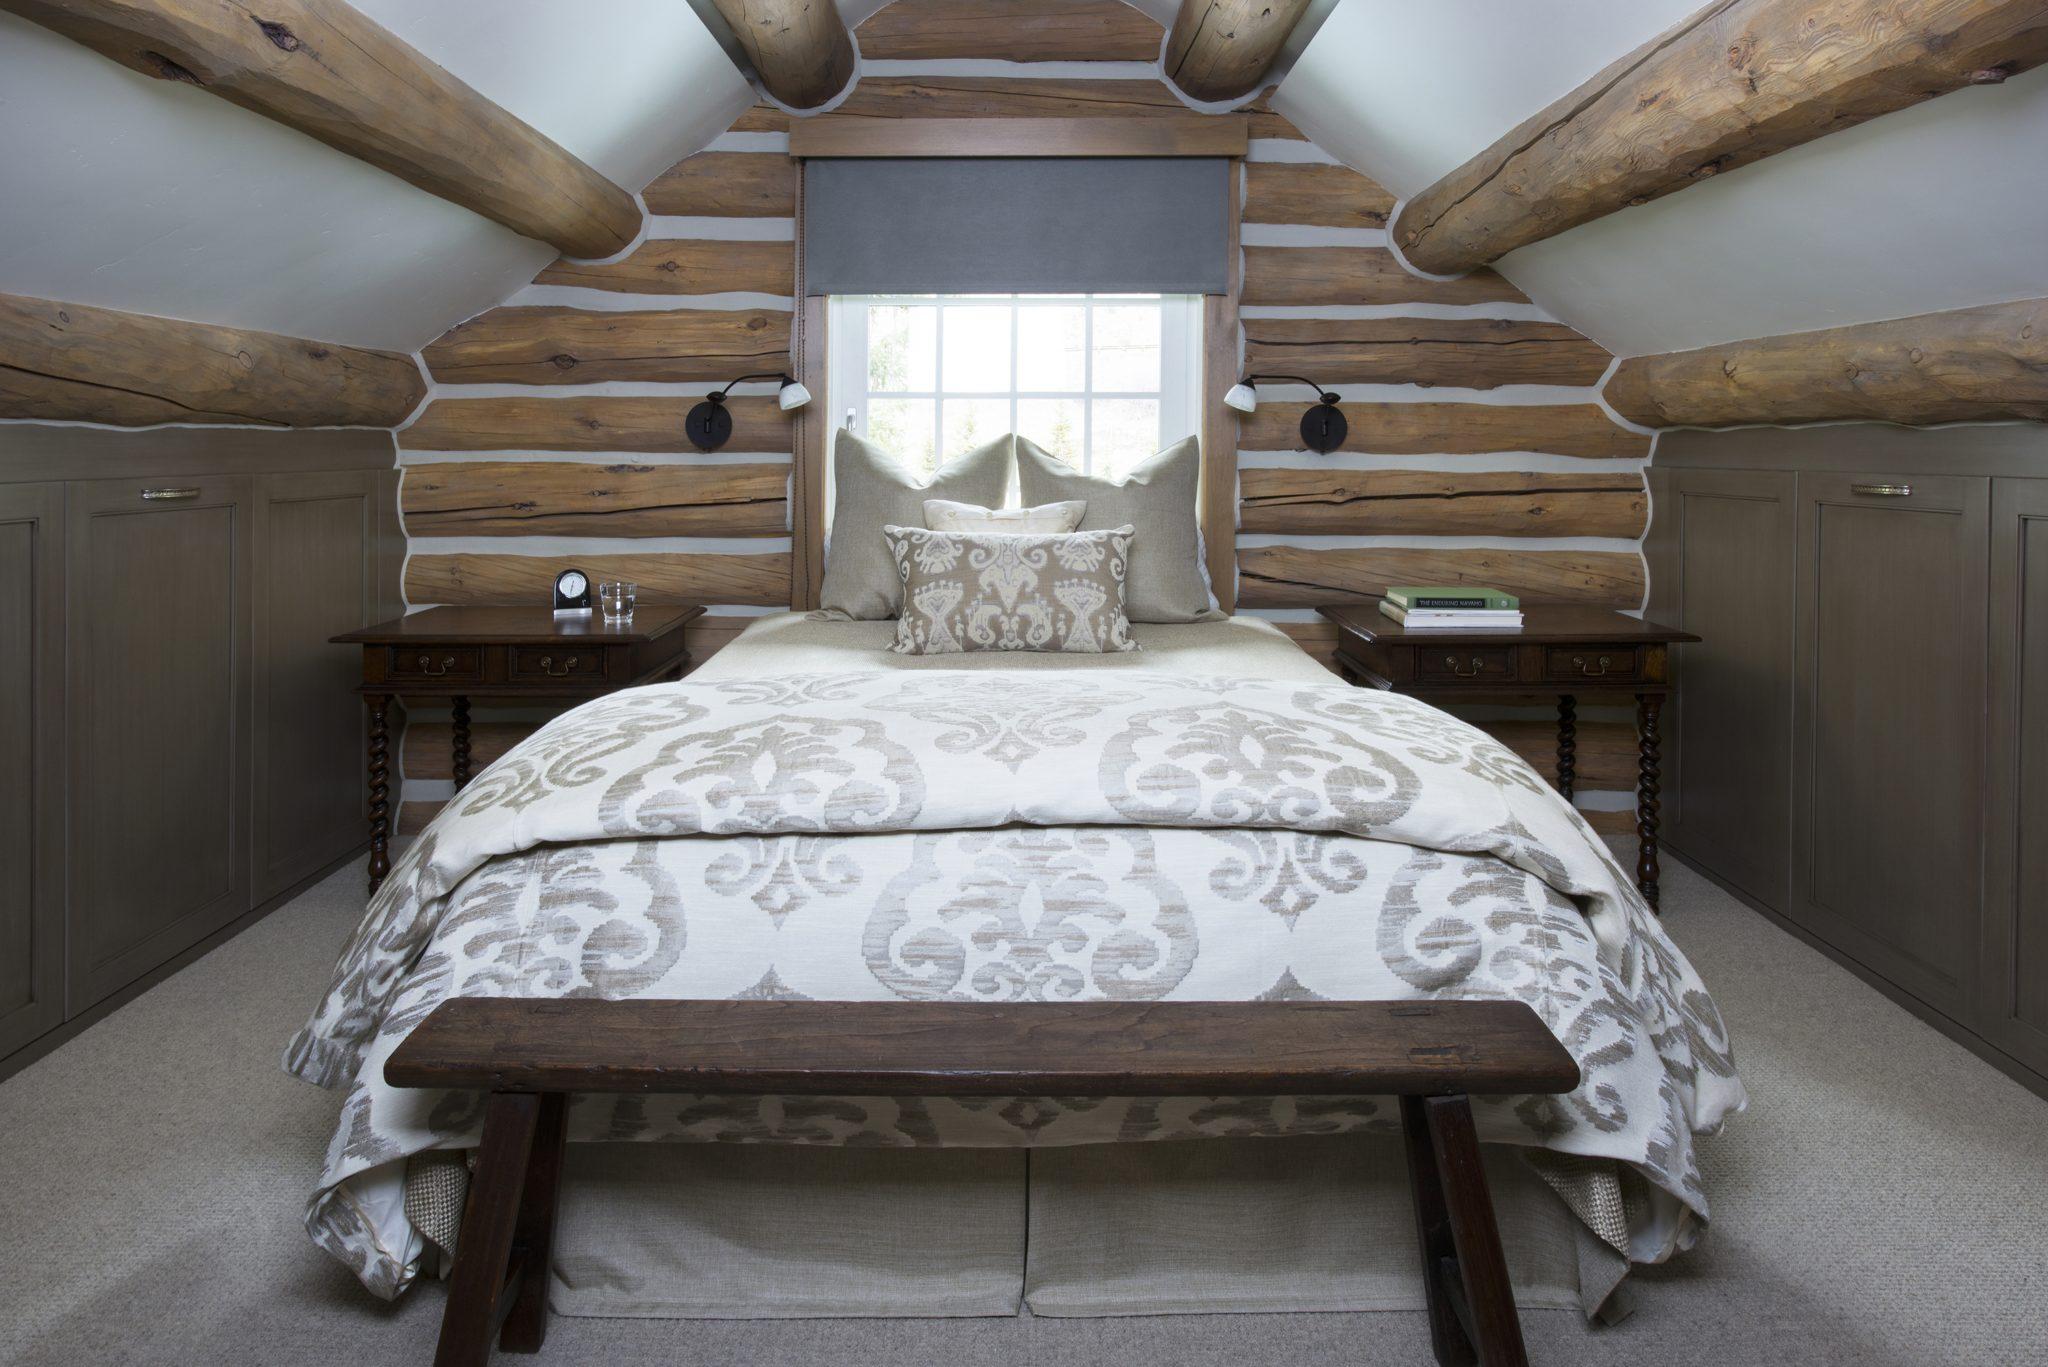 Contemporary Cabin - Vail, Colorado by Slifer Designs